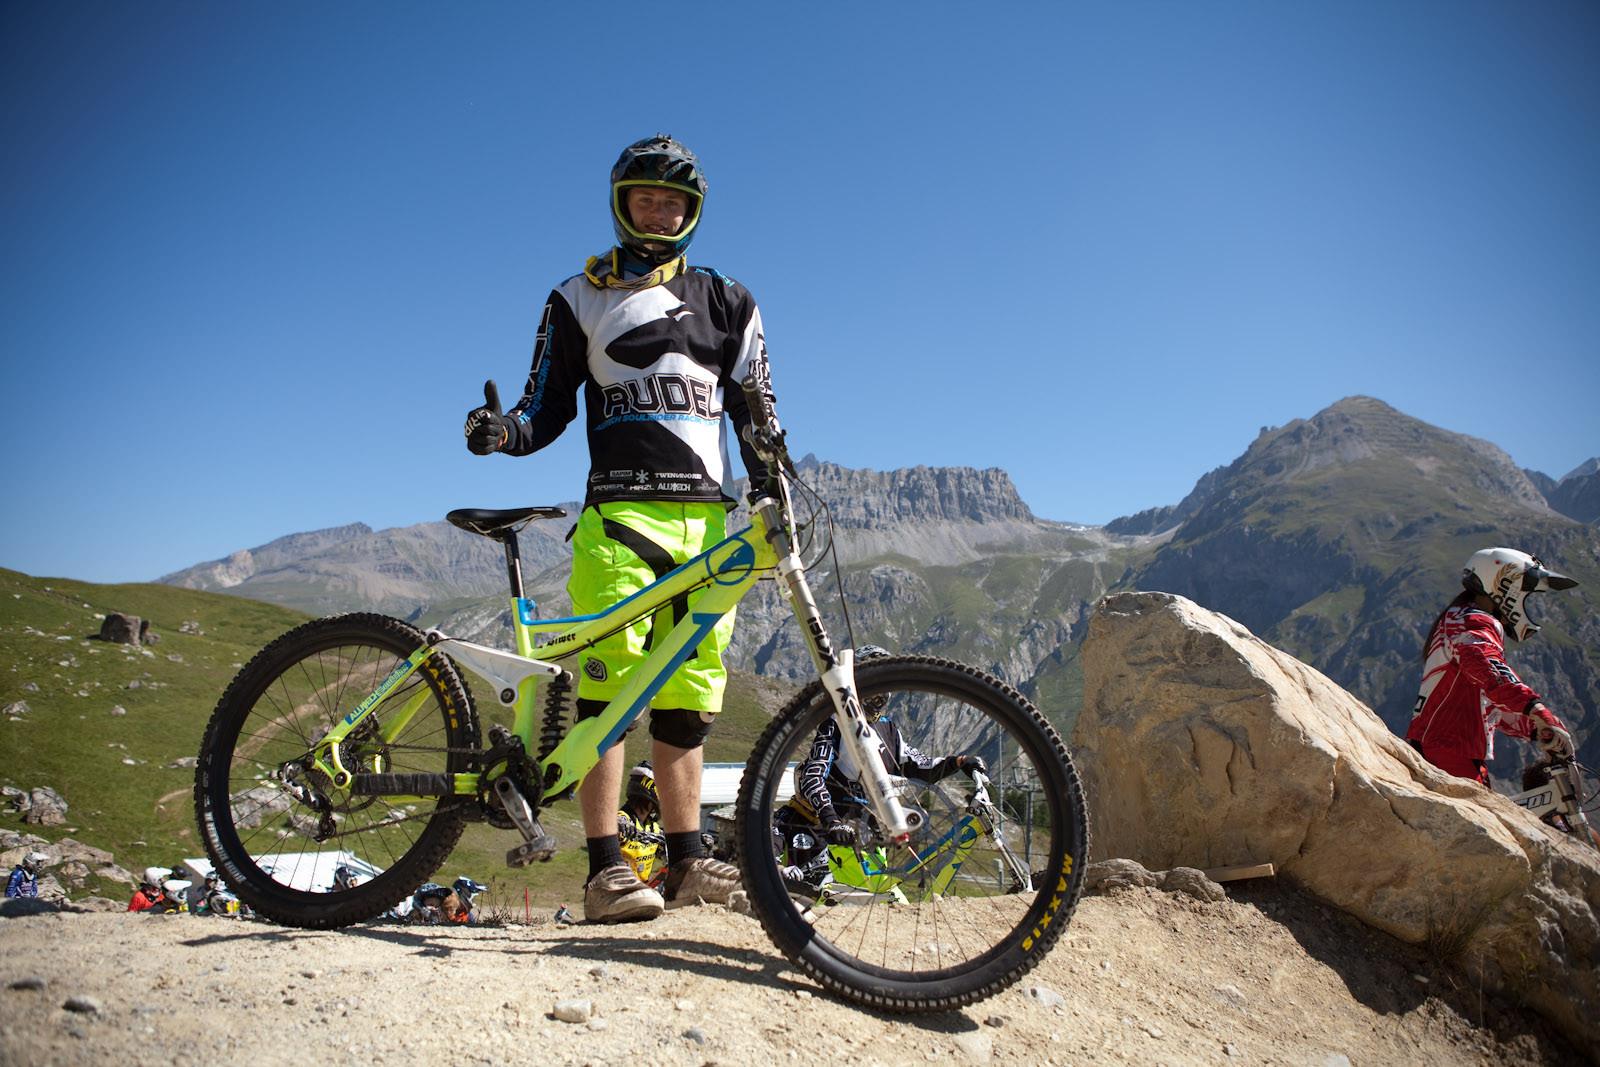 Alutech DH bike - European DH Bikes from Val d'Isere - Mountain Biking Pictures - Vital MTB